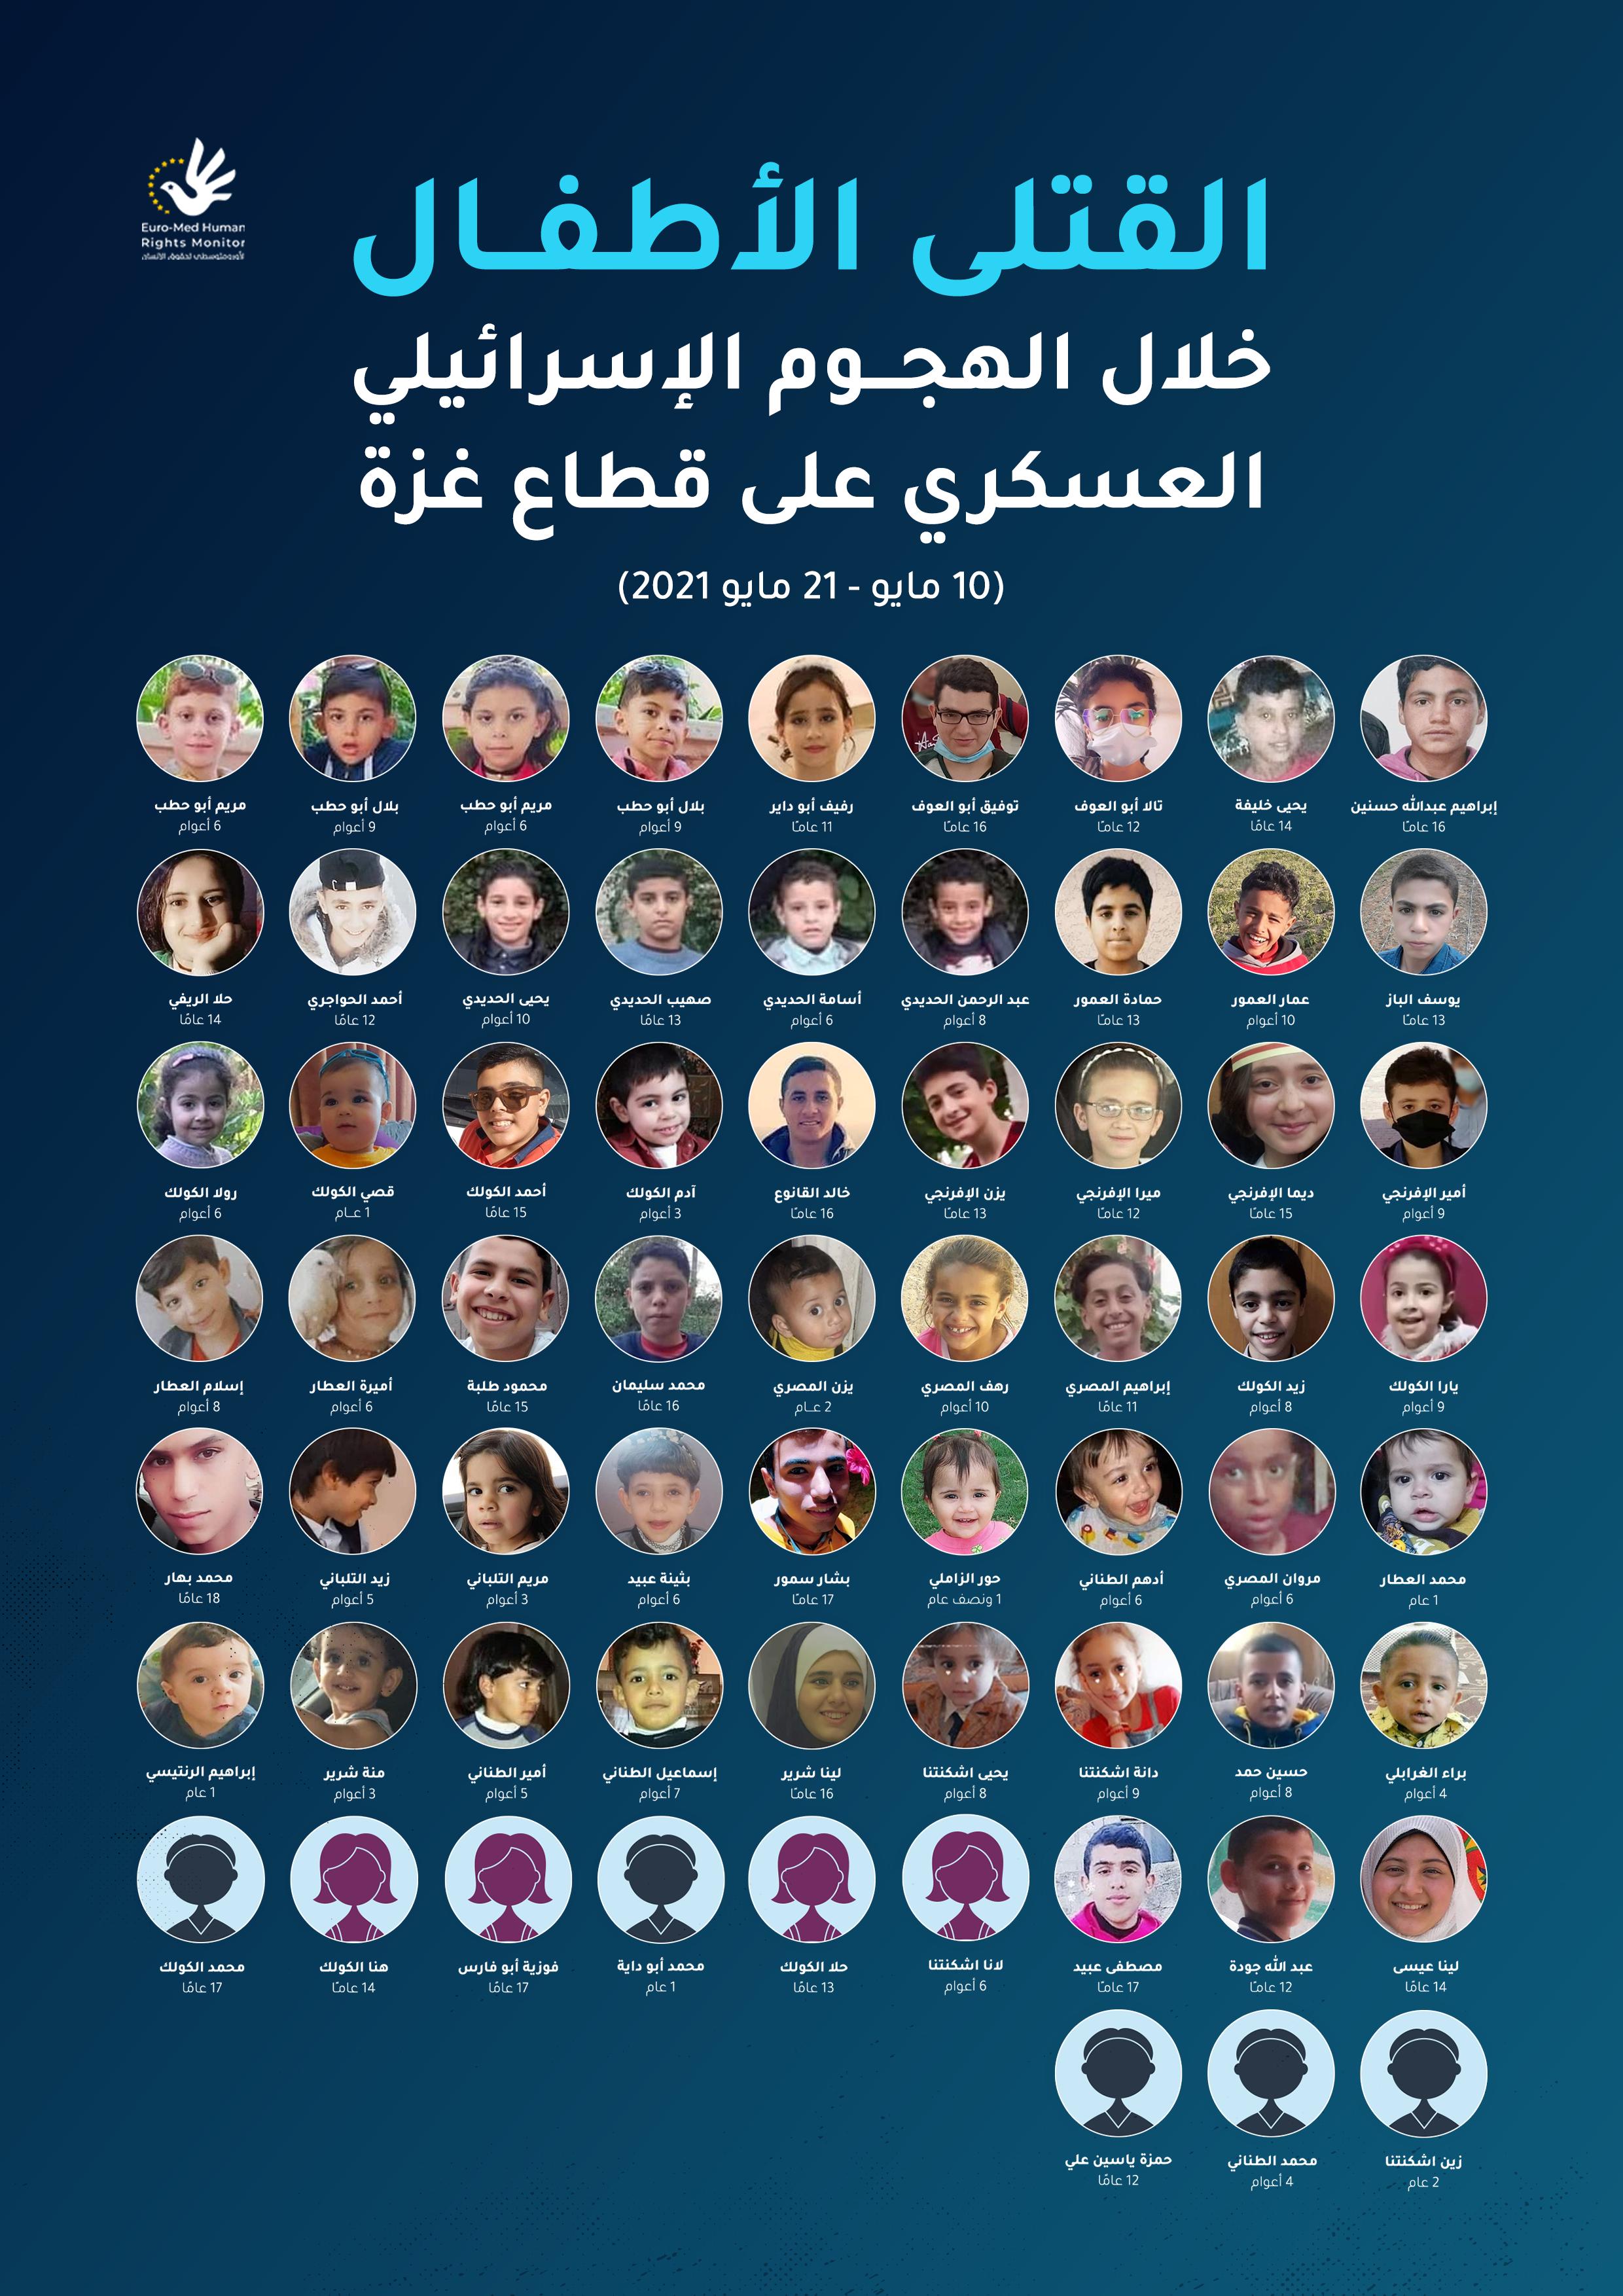 القتلى الأطفال خلال الهجوم الإسرائيلي العسكري على قطاع غزة (10 - 21 مايو 2021)